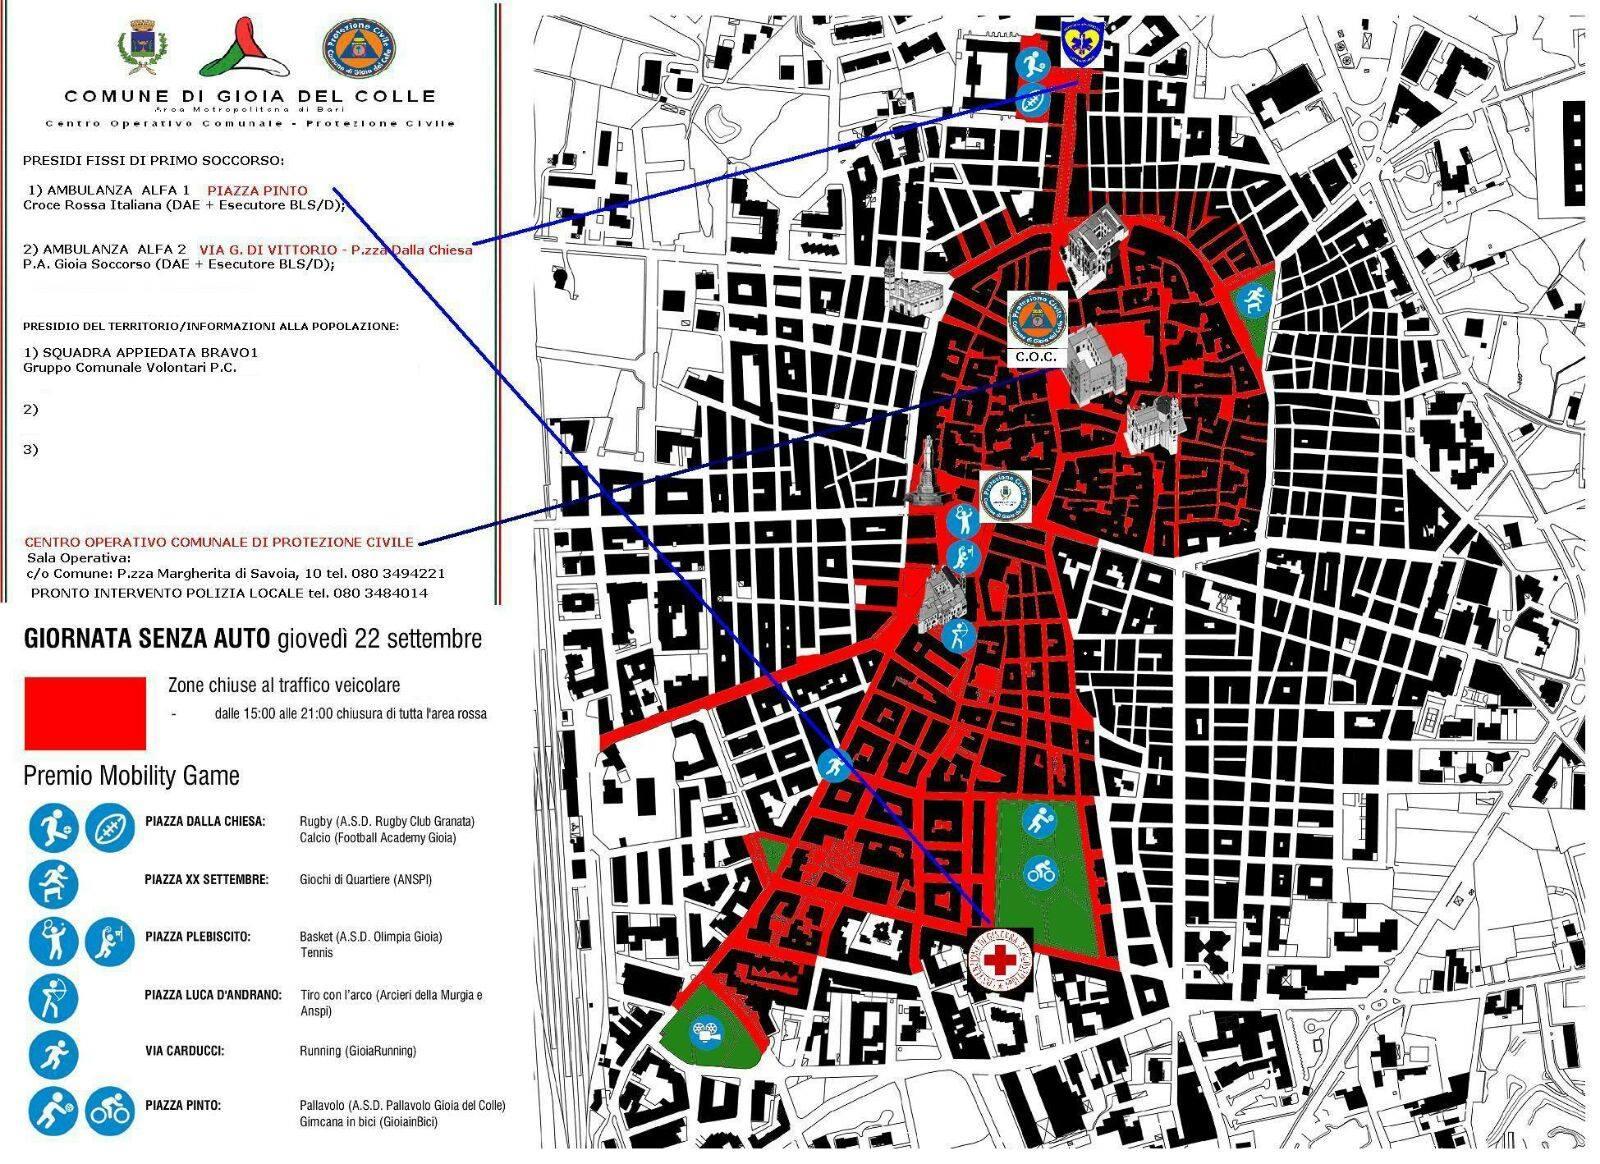 22 SETTEMBRE 2016 GIORNATA DELLA MOBILITA' SOSTENIBILE (1)